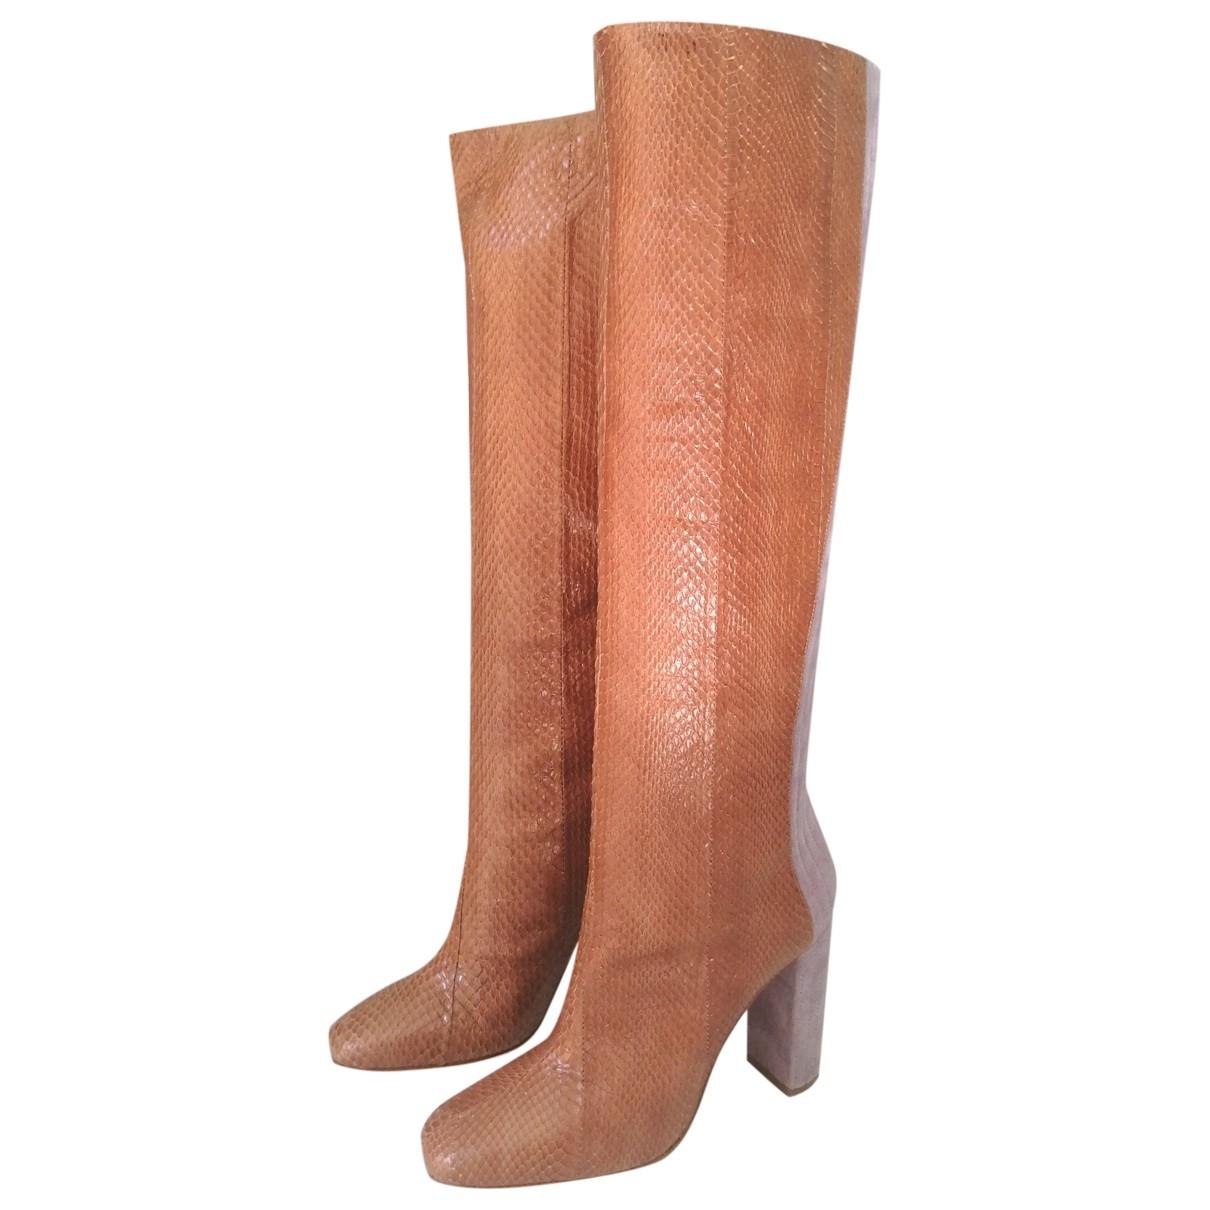 Malone Souliers - Bottes   pour femme en cuir exotique - marron